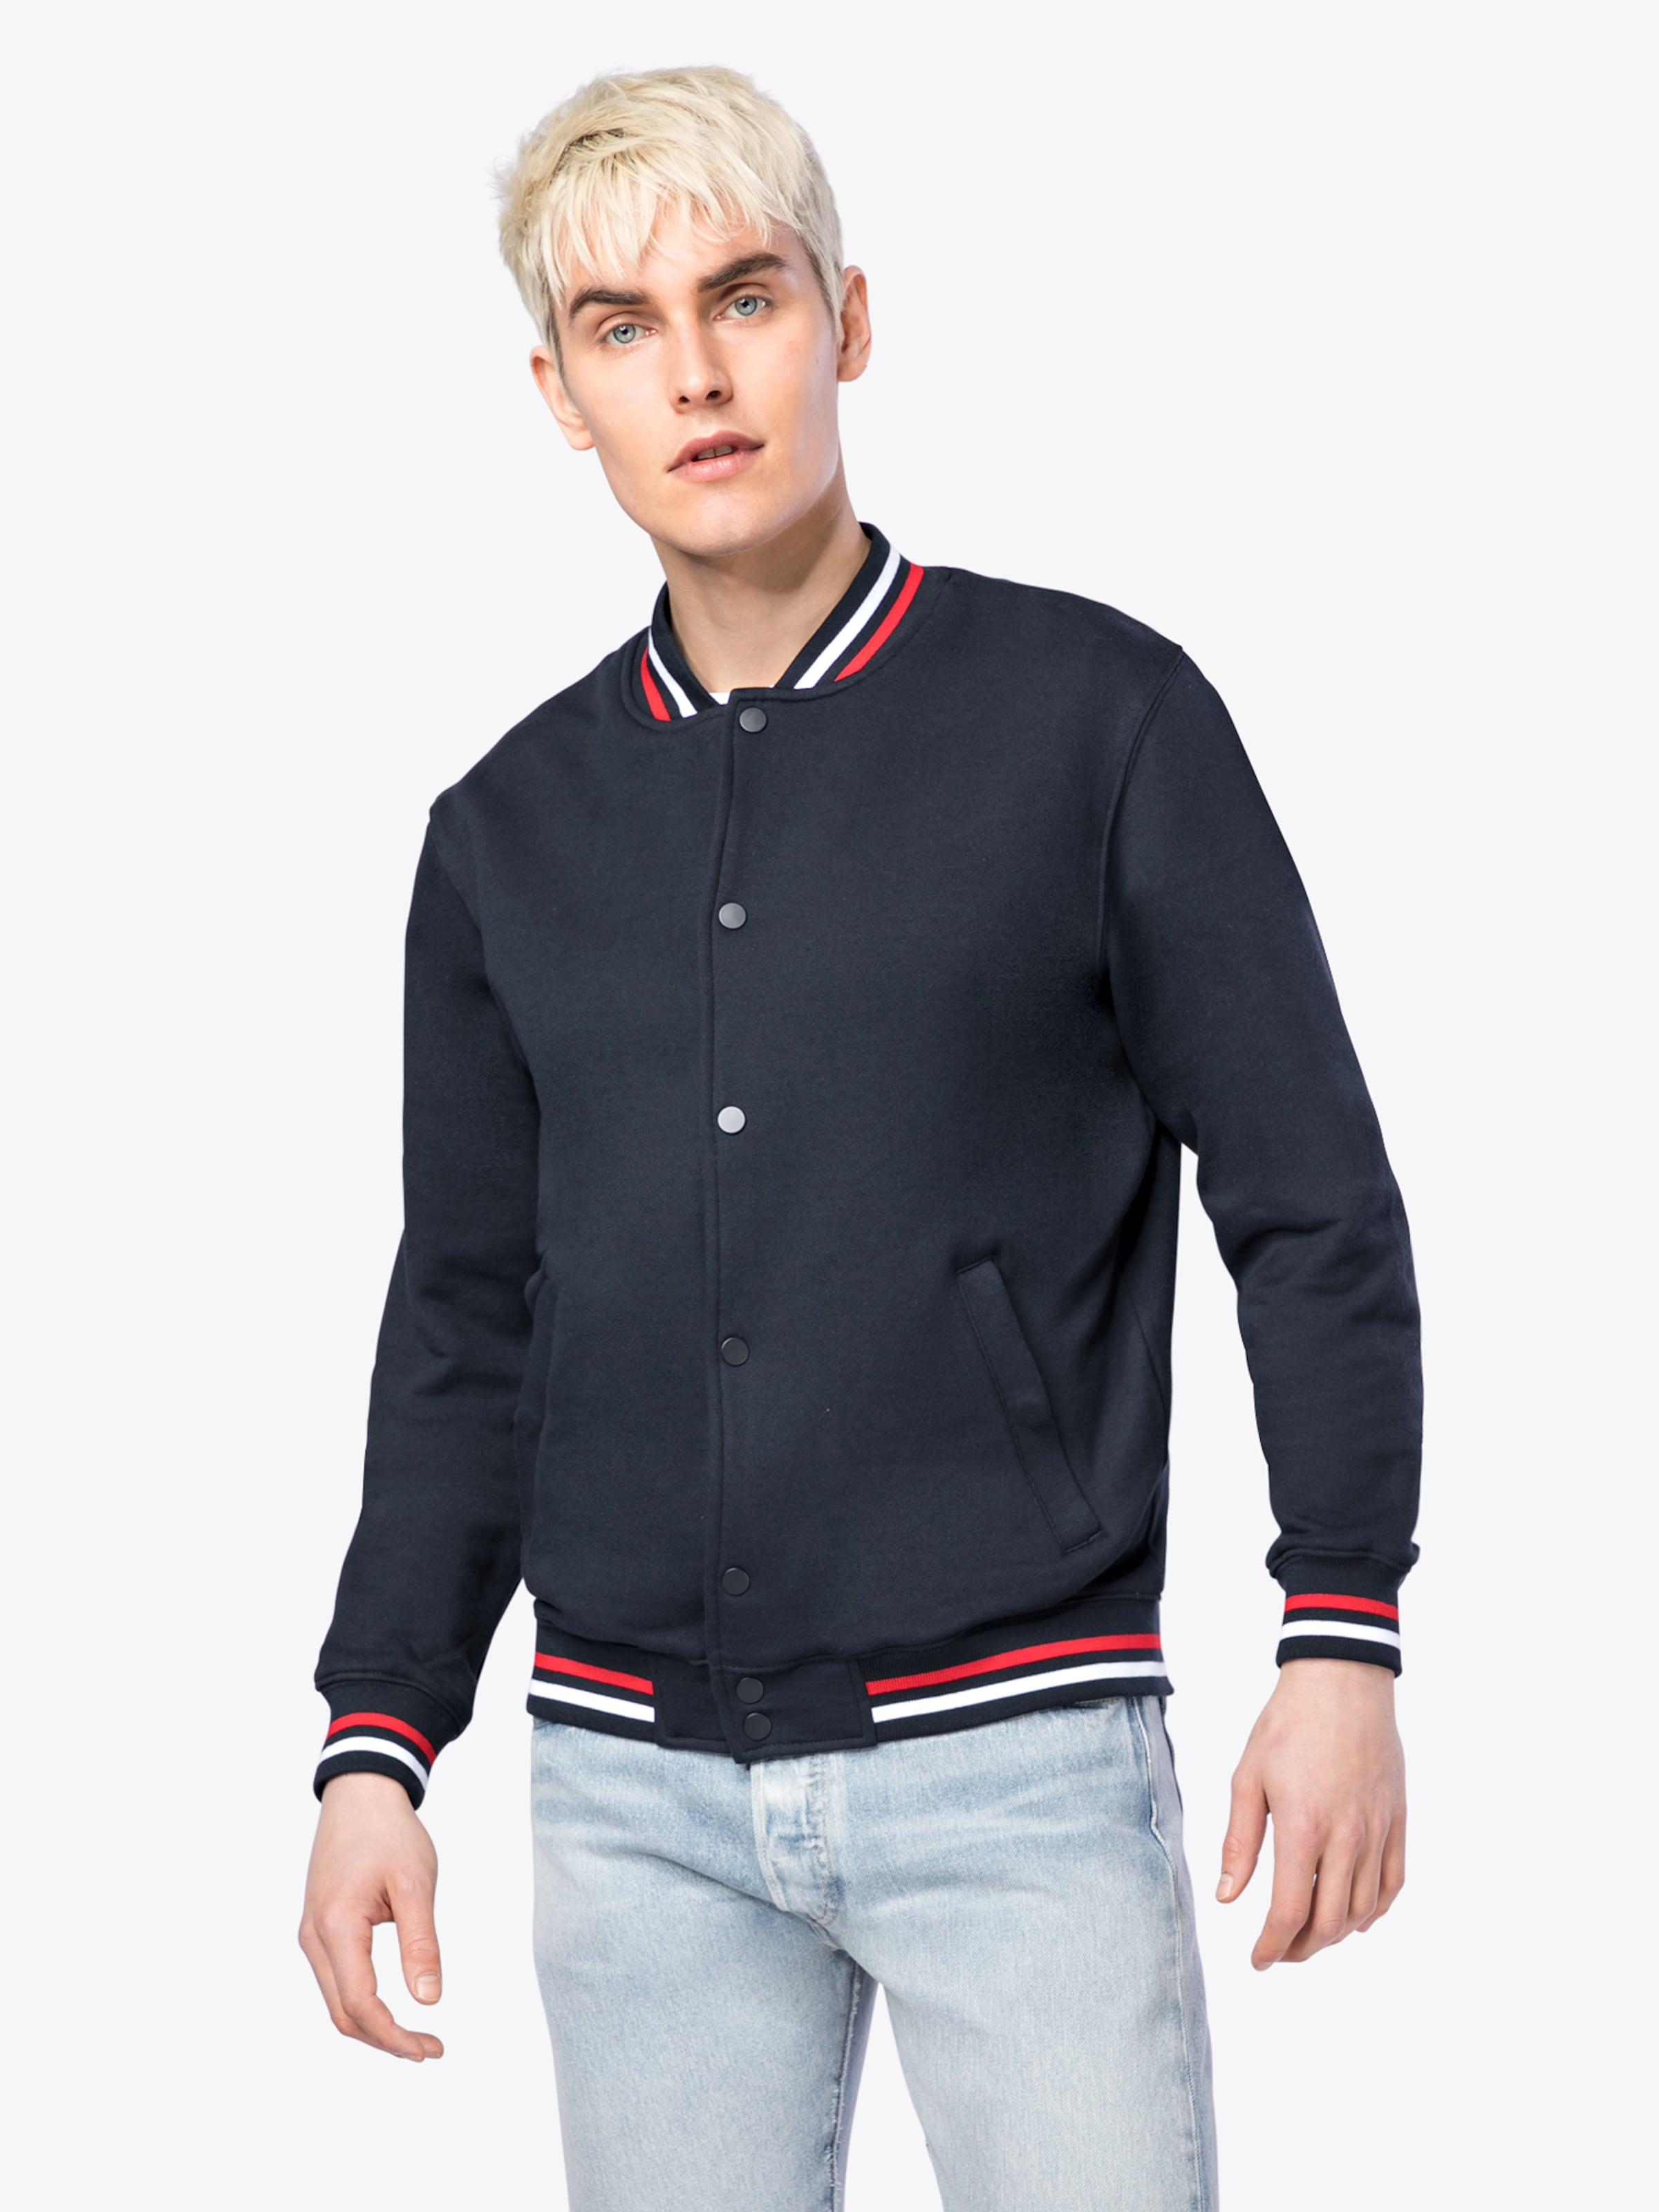 Unter 70 Dollar Online 100% Garantiert Urban Classics Jacke '3-Tone College Sweat Jacket' Billig Zahlen Mit Paypal Exklusive Verkauf Online Komfortabel Günstiger Preis YStgp1No2M